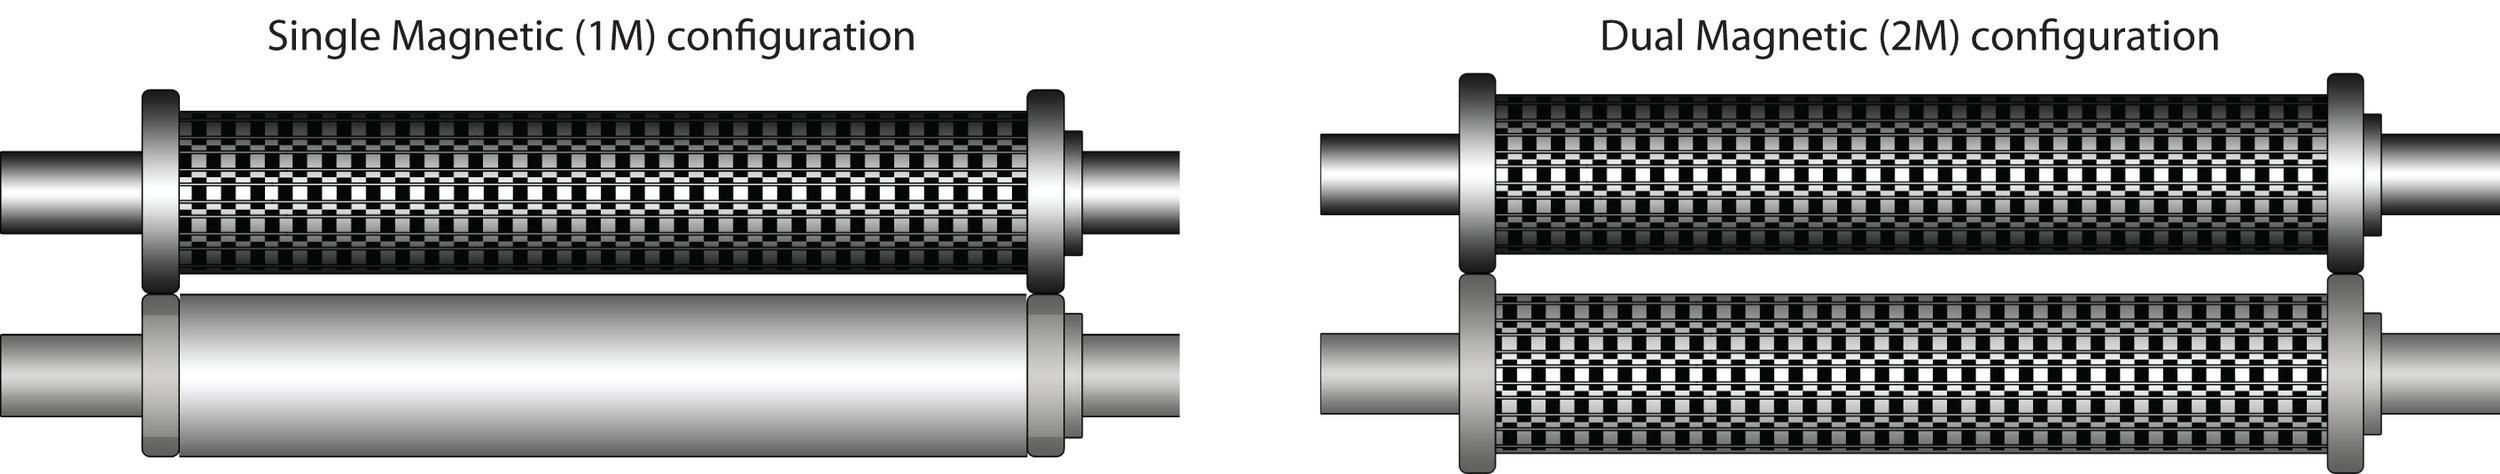 Cylinder illustrations.jpg